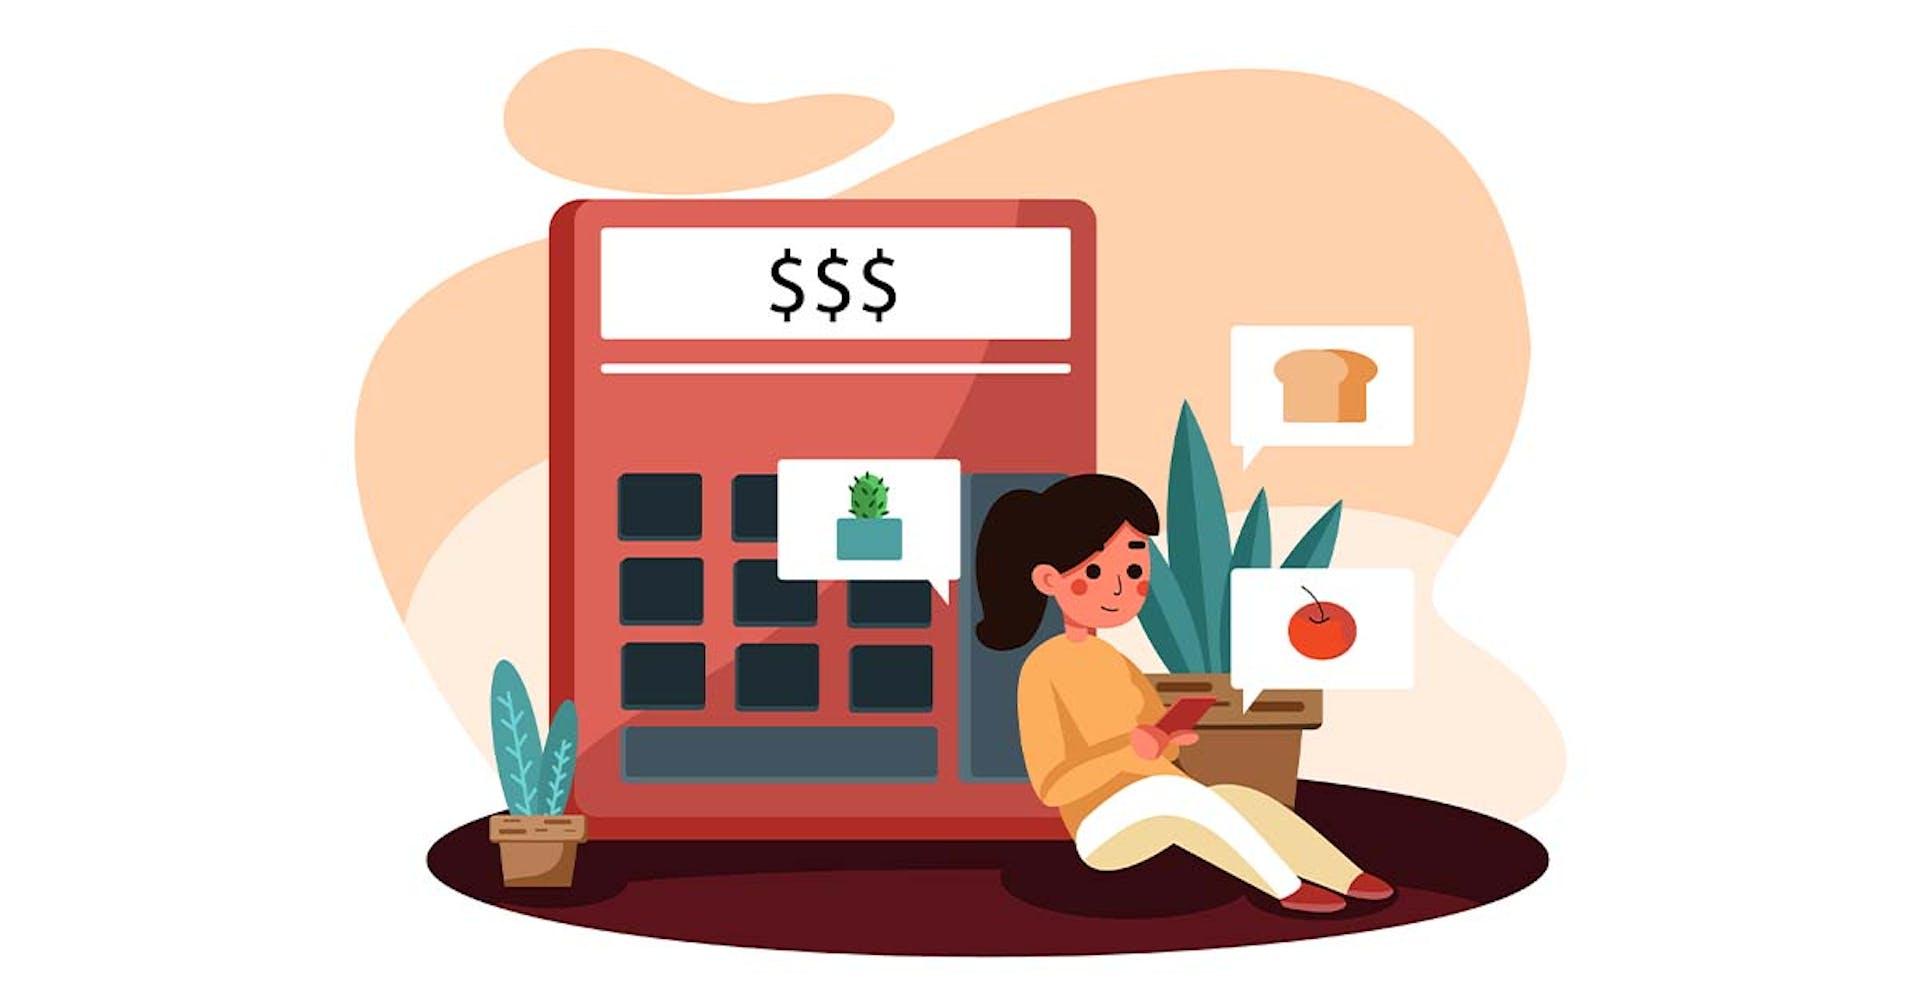 ¿Cómo hacer un presupuesto para un negocio pequeño?